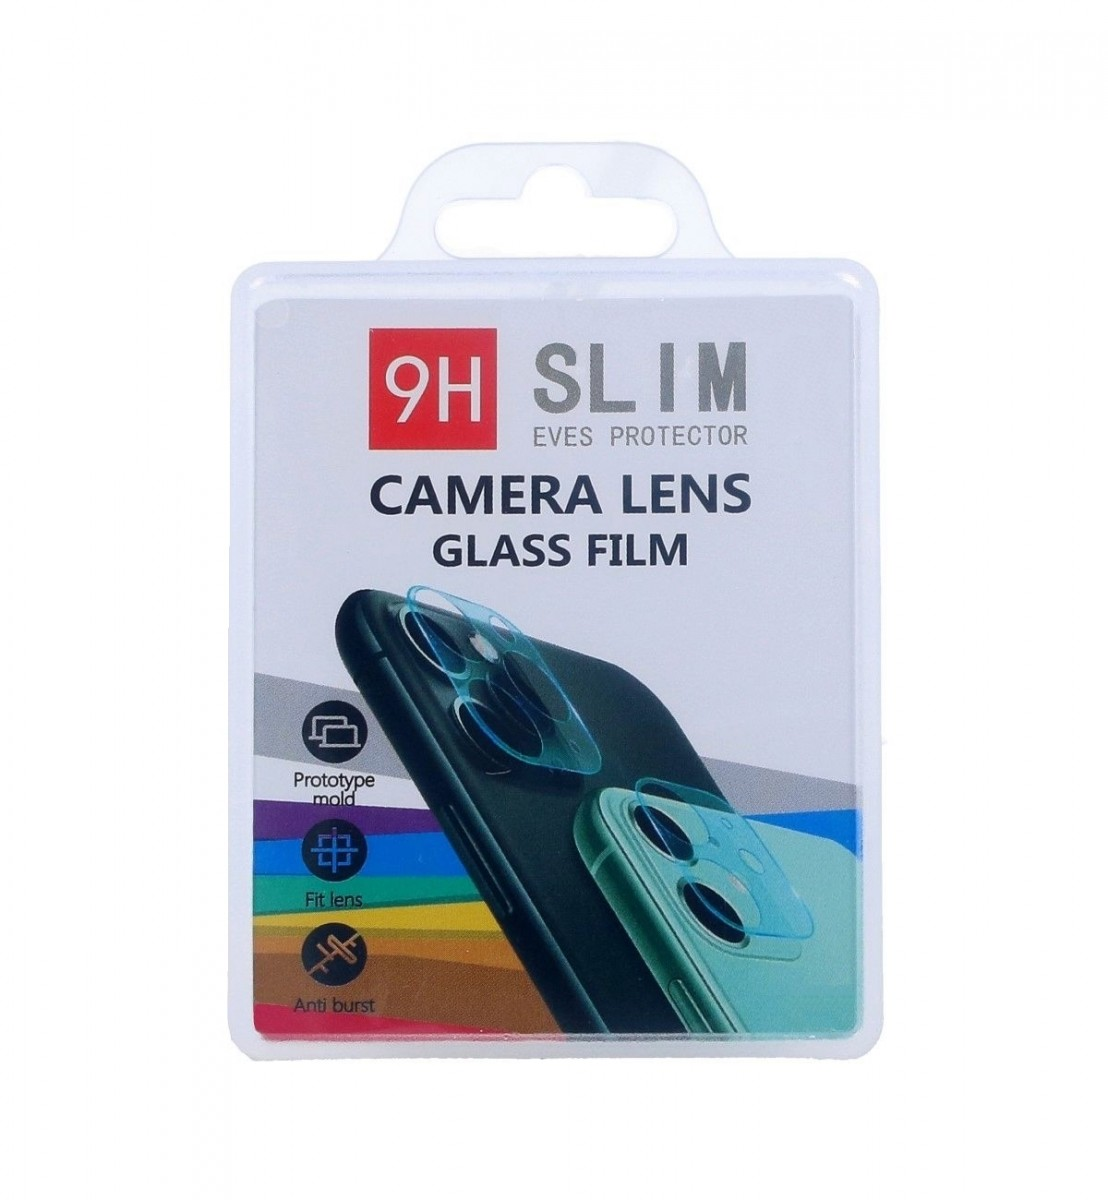 Tvrzené sklo TopQ na zadní fotoaparát Samsung A21s 53707 (ochranné sklo na zadní čočku fotoaparátu Samsung A21s)